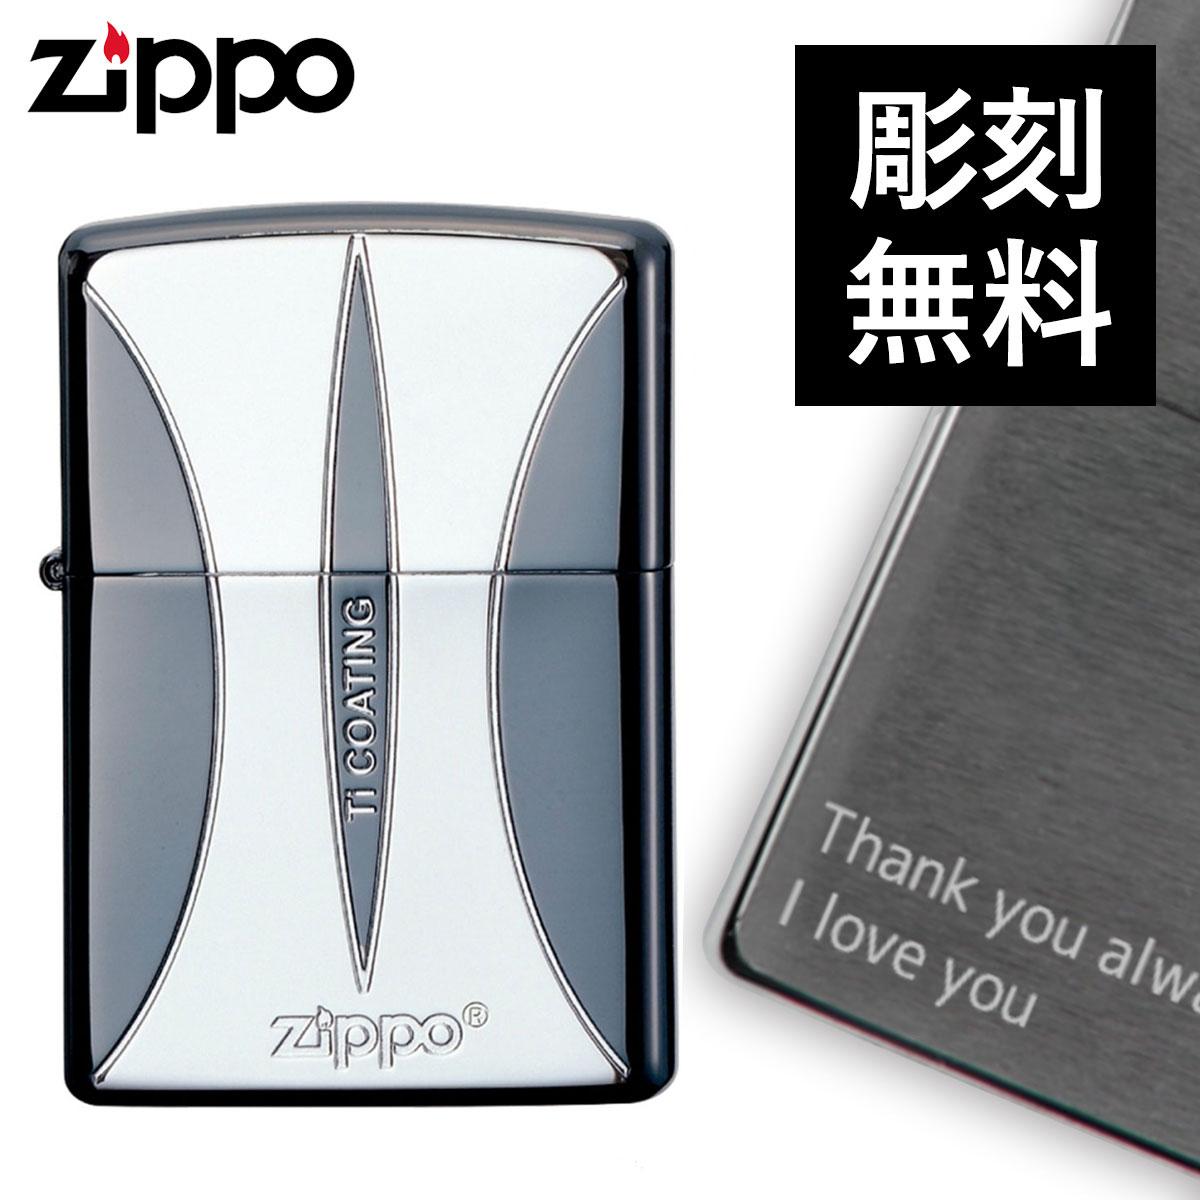 zippo 名入れ ジッポー ライター チタン キズがつきにくい TNK 44 名入れ ギフト オイルライター ジッポライター ギフト プレゼント 彼氏 男性 メンズ